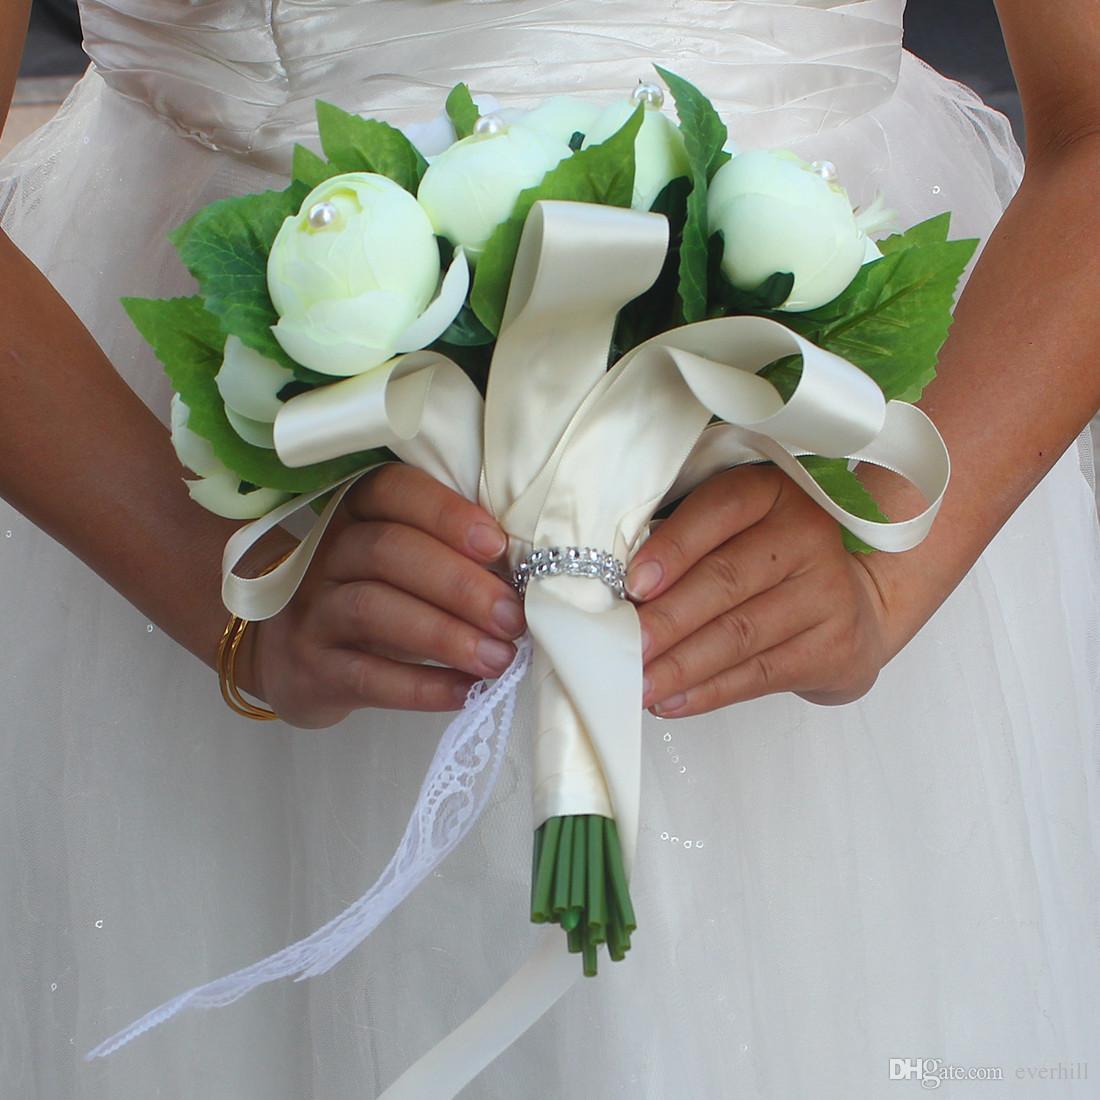 Jane Vini hermoso té artificial rosa flores de la boda ramo de novia de la novia ramo con perlas marfil ramo de matrimonio de Mariage 2018